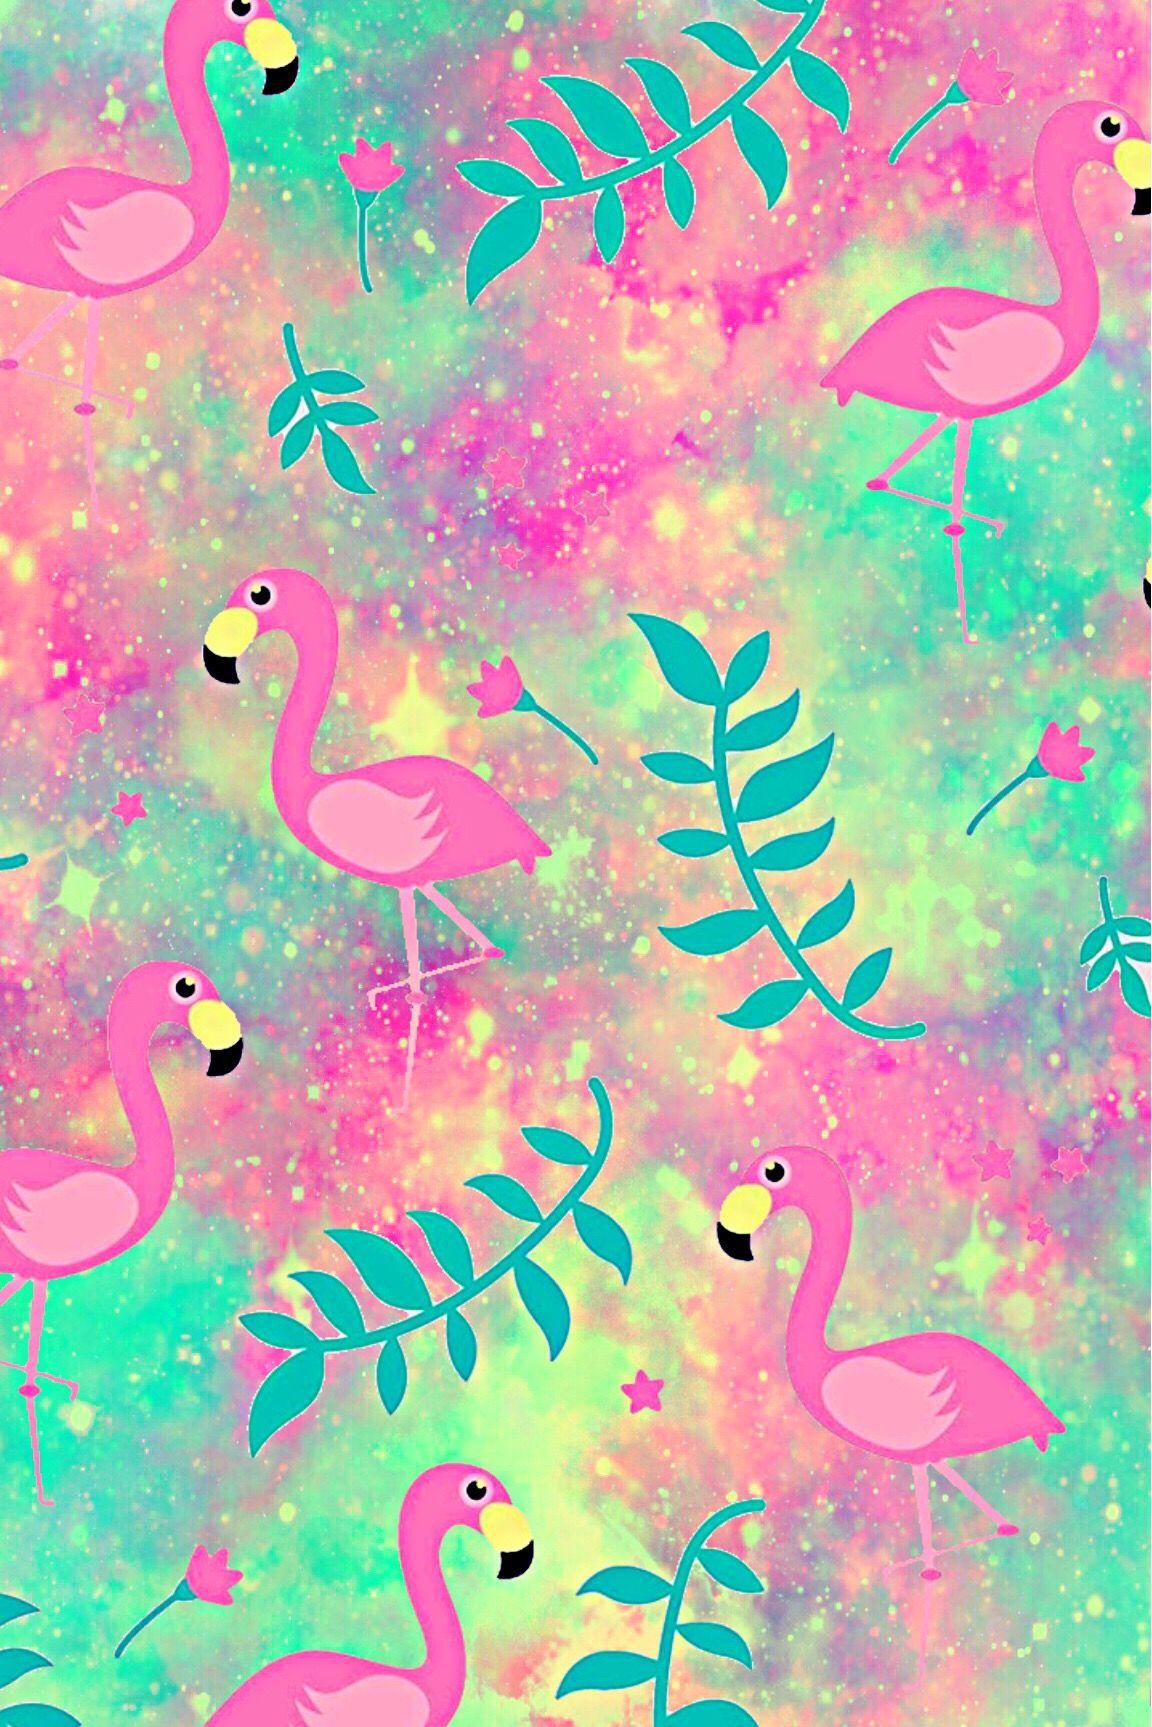 Wallpaper Lockscreen Glitter Sparkle Flamingos Birds Animals Flowers Floral Pink Cute Patt Wallpaper Pink Cute Bird Wallpaper Wallpaper Iphone Love Lock screen iphone 7 flamingo wallpaper